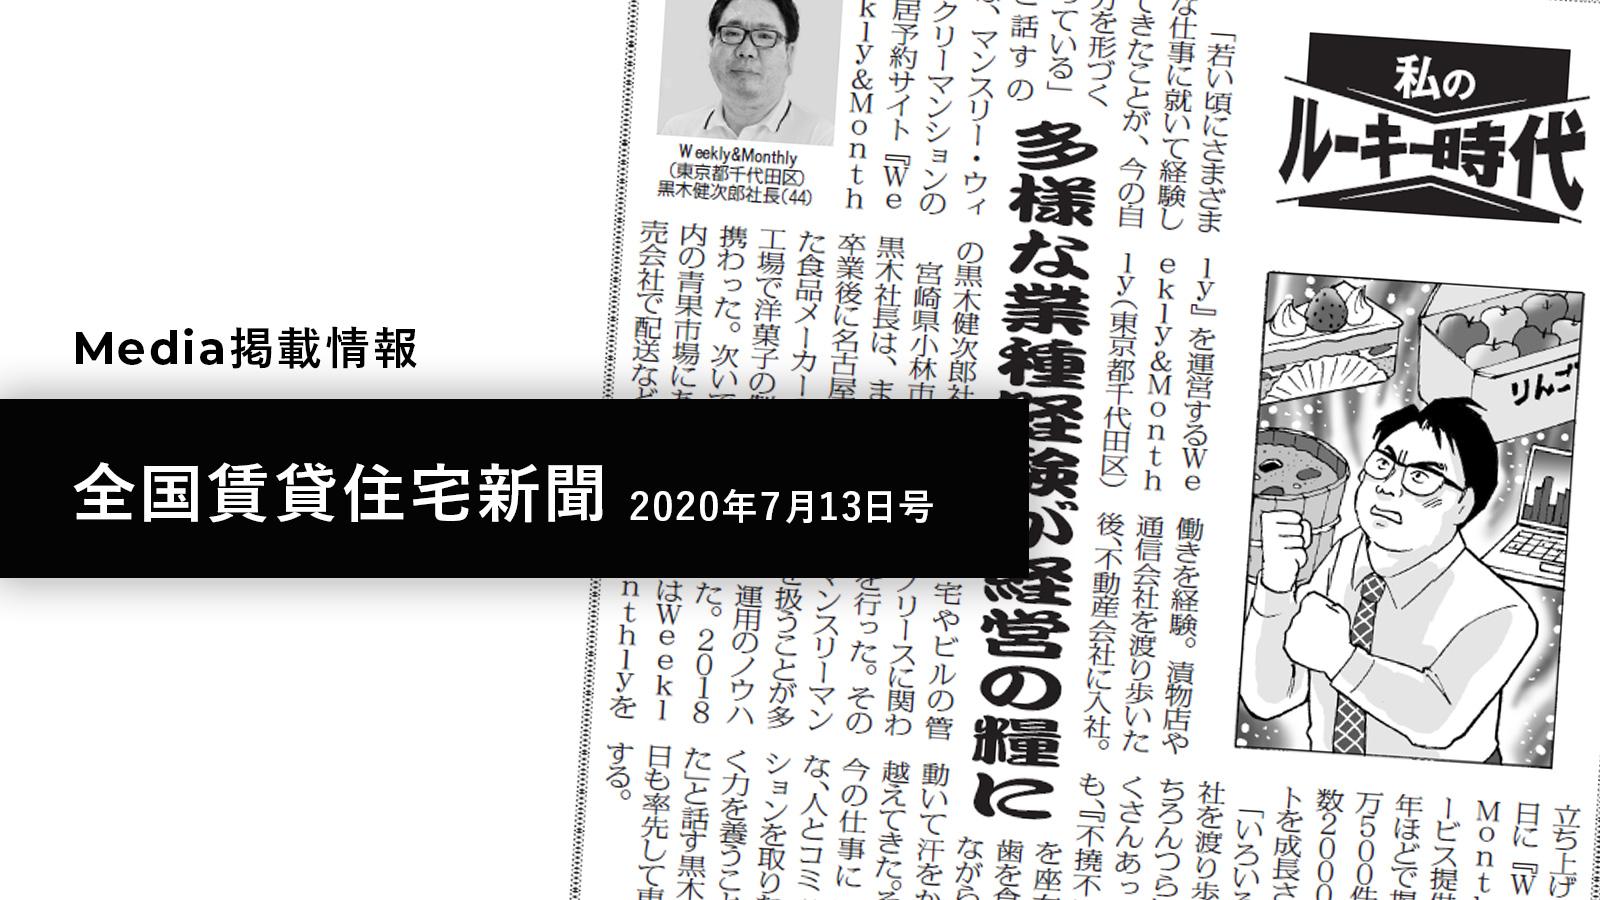 【メディア掲載】 全国賃貸住宅新聞(2020年7月13日号)に当社代表の取材記事を掲載いただきました